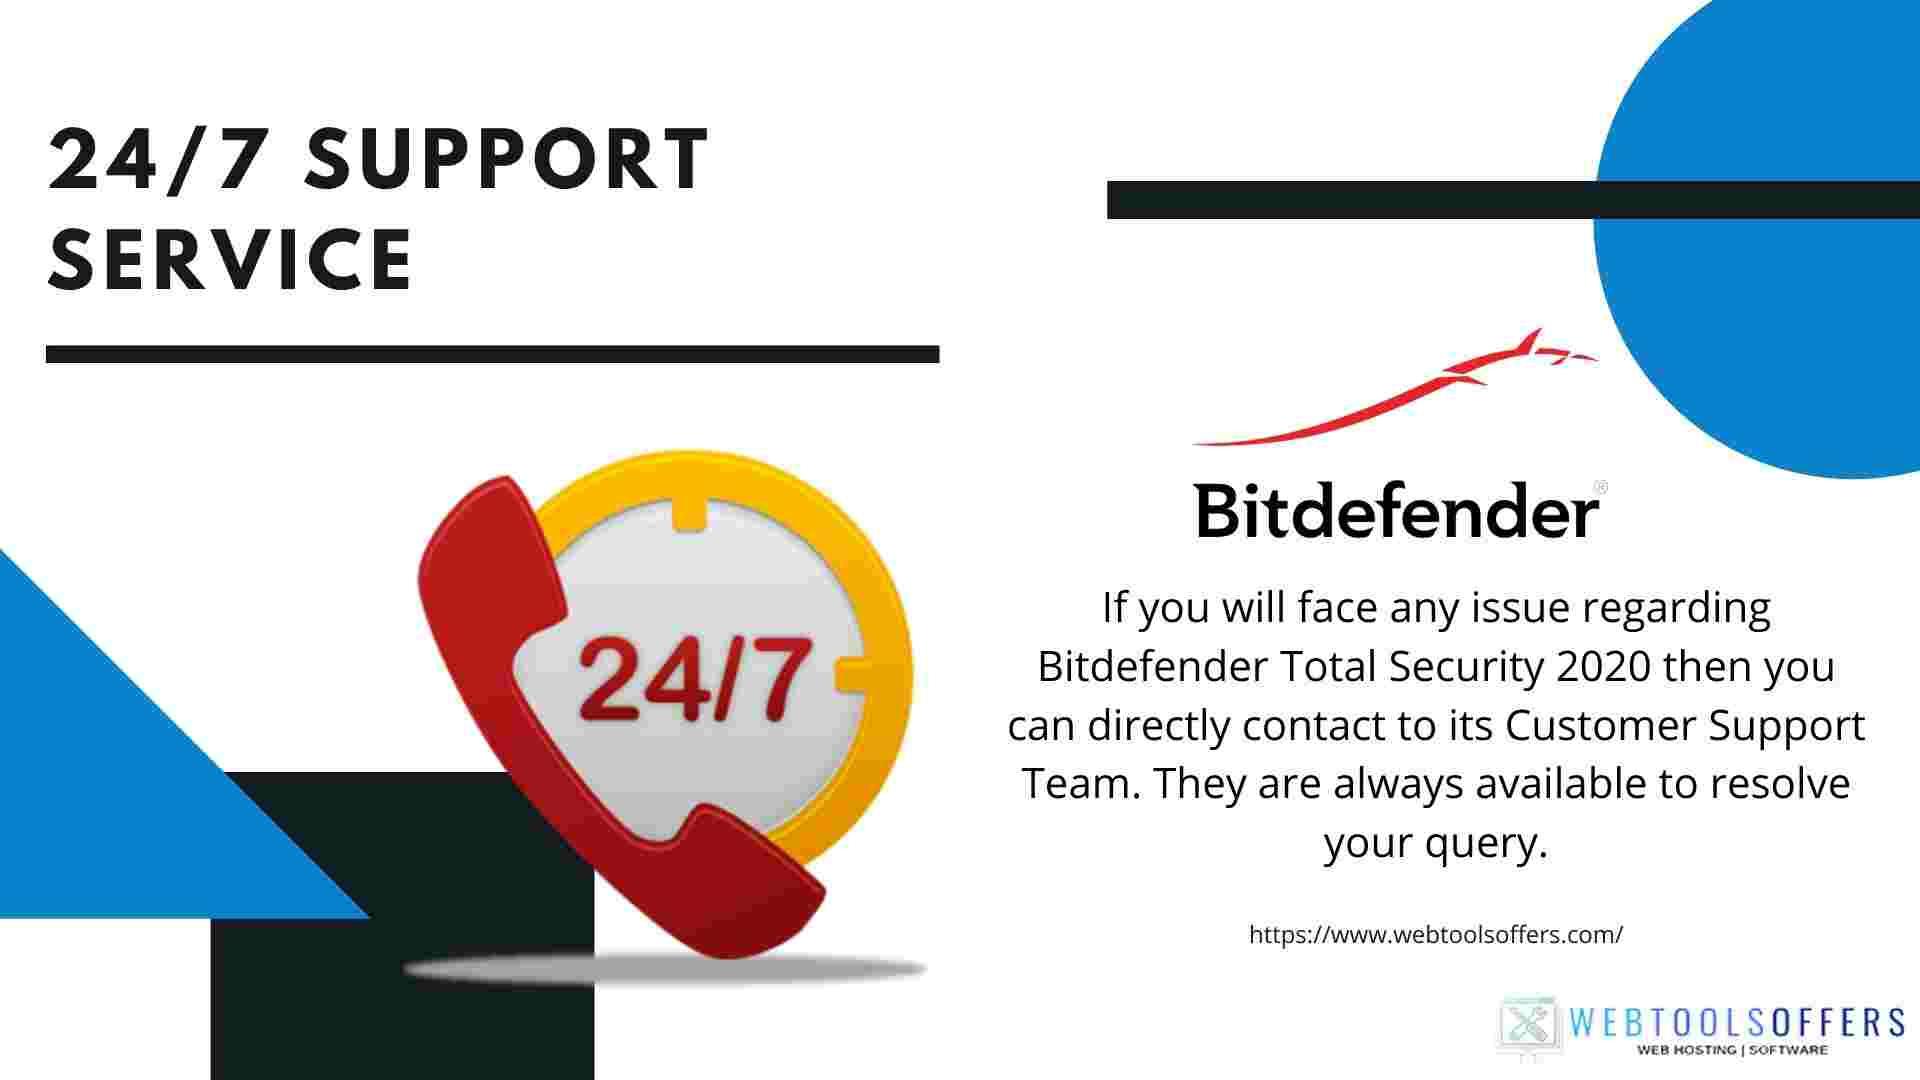 Bitdefender Total Security Support Service